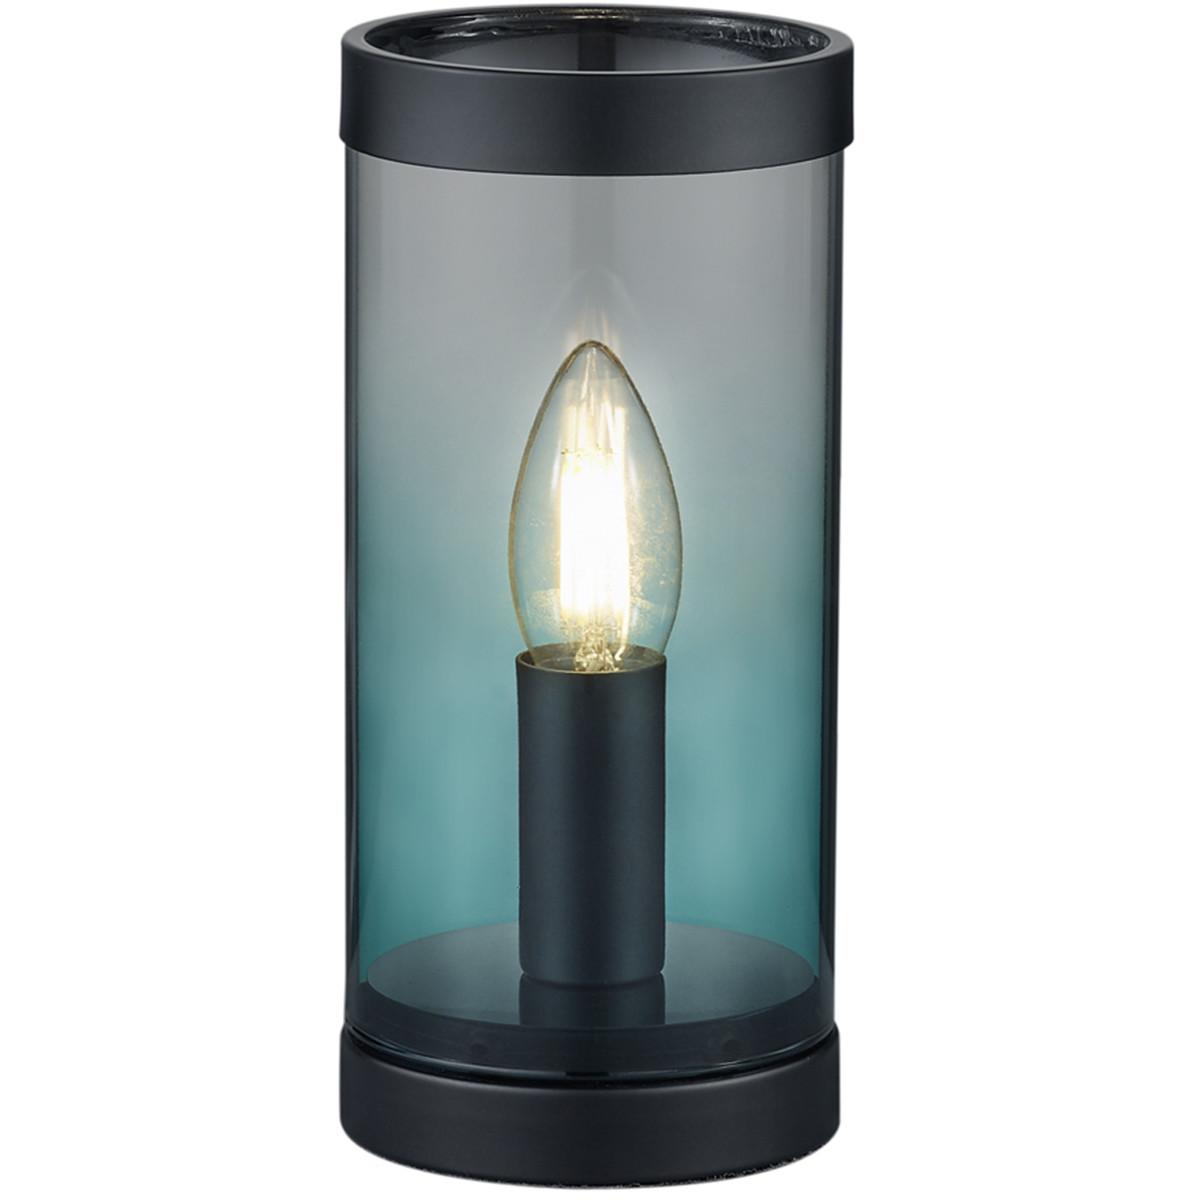 LED Tafellamp - Tafelverlichting - Trion Culo - E14 Fitting - Rond - Turquoise - Aluminium